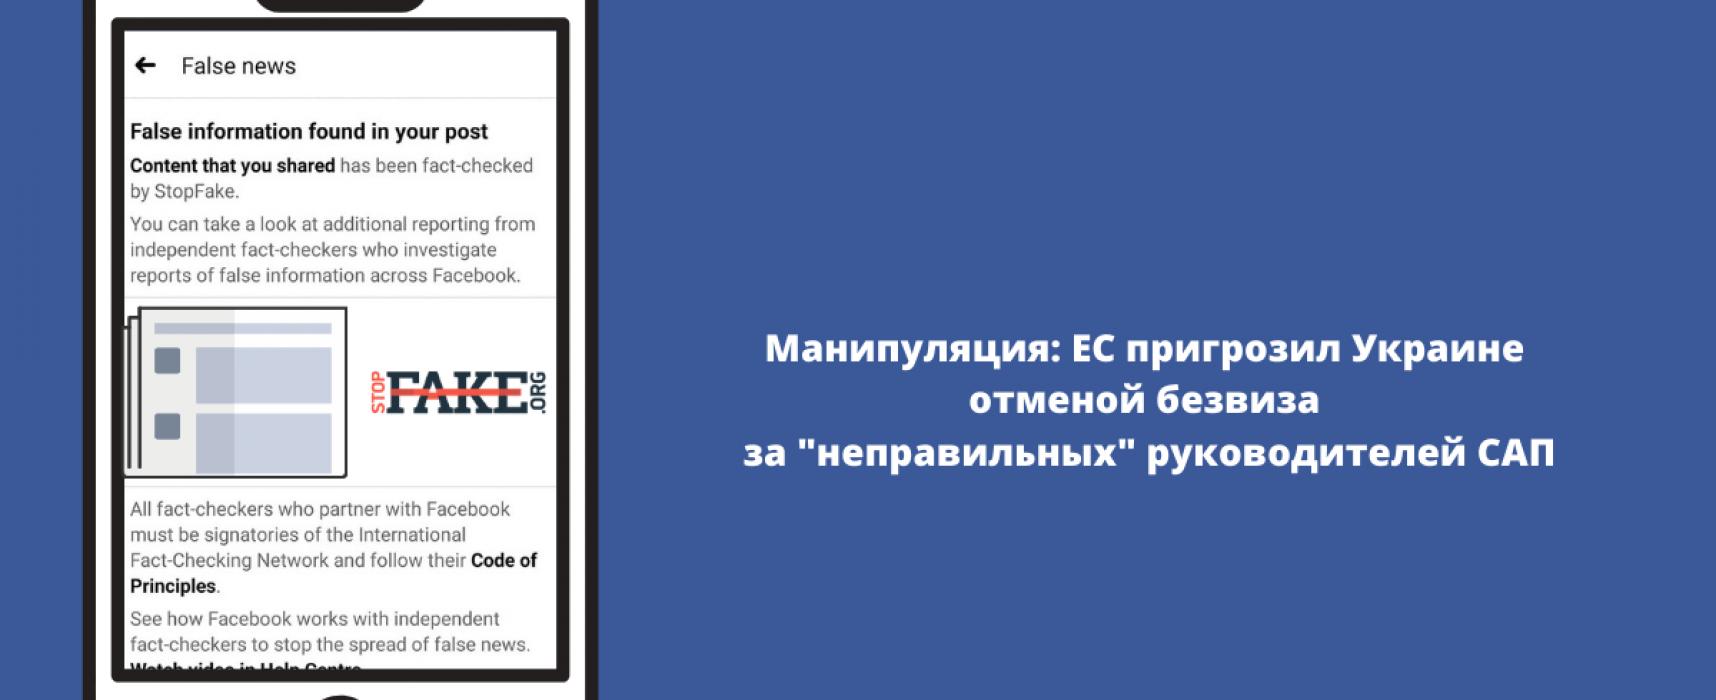 Фейк: В Евросоюзе начали процедуру по отмене безвиза для Украины